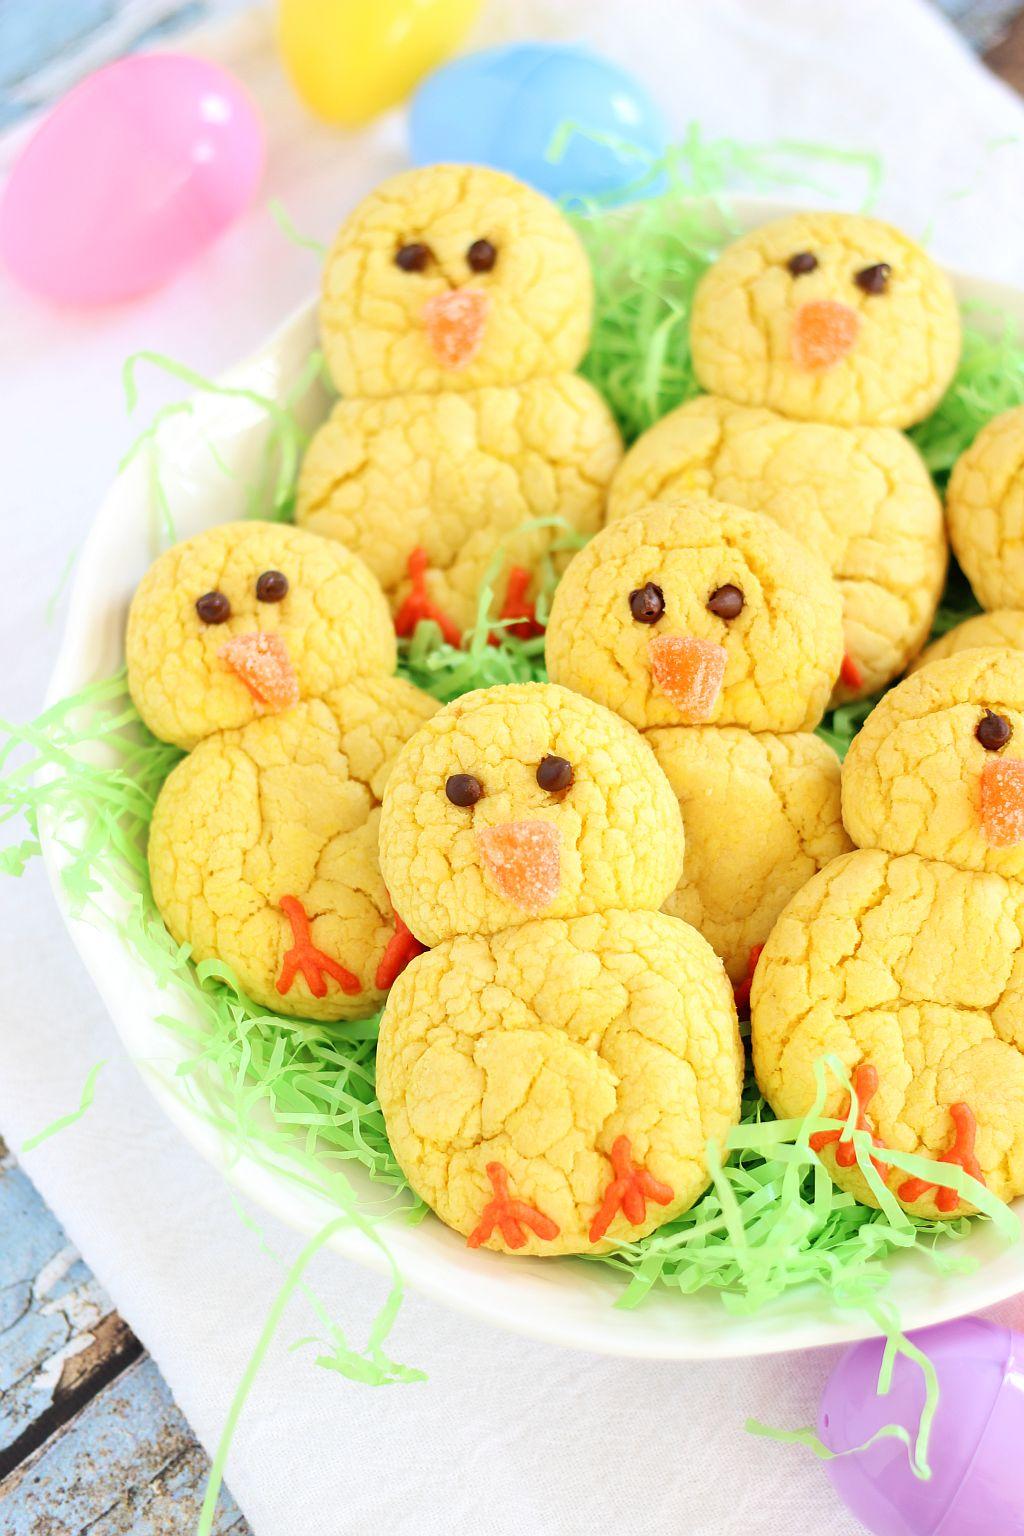 Easter Chicks Lemon Cookies